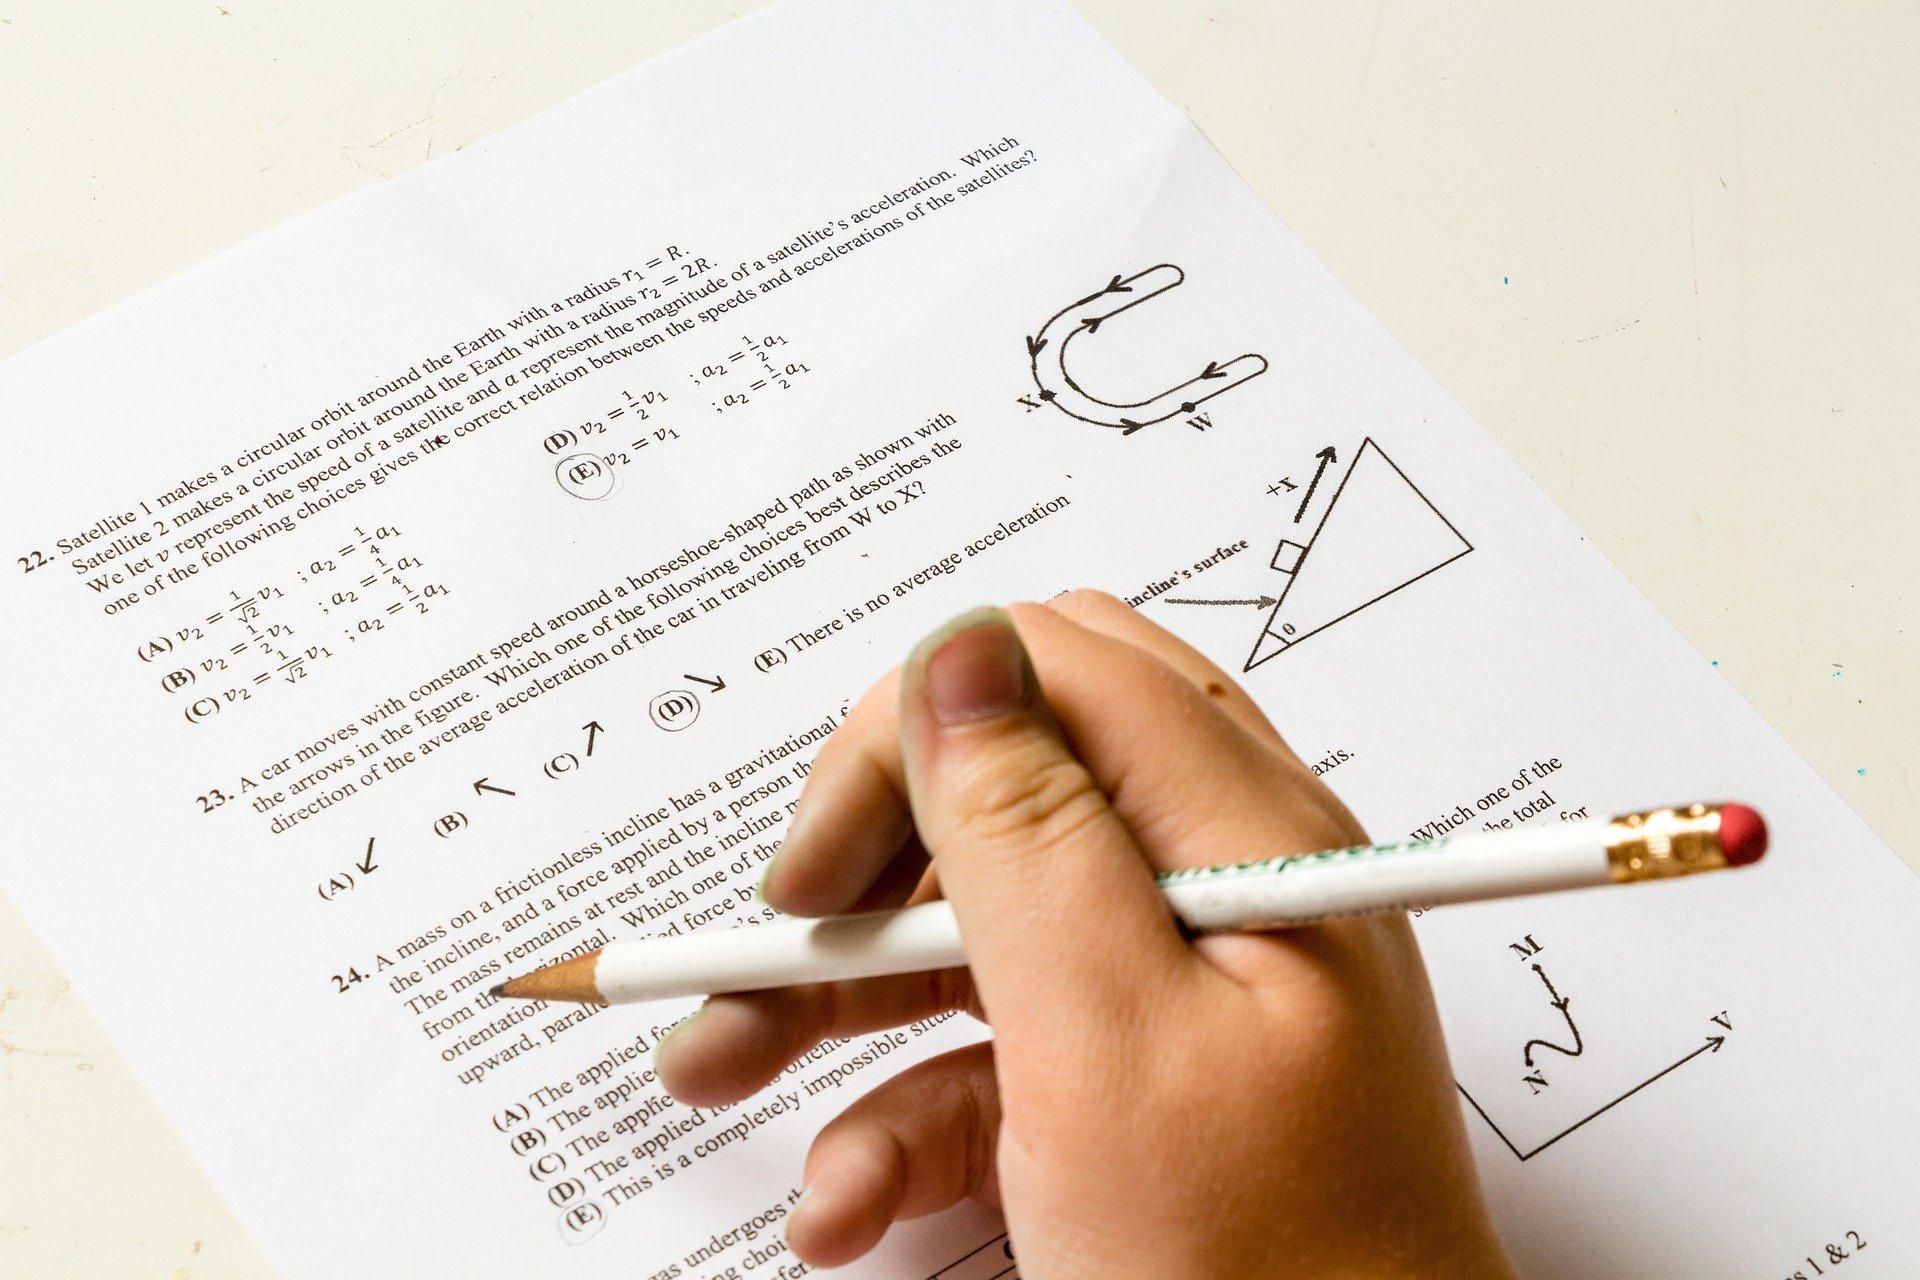 Maturzyści piszą do rządu o przełożenie terminów tegorocznych egzaminów  - Zdjęcie główne